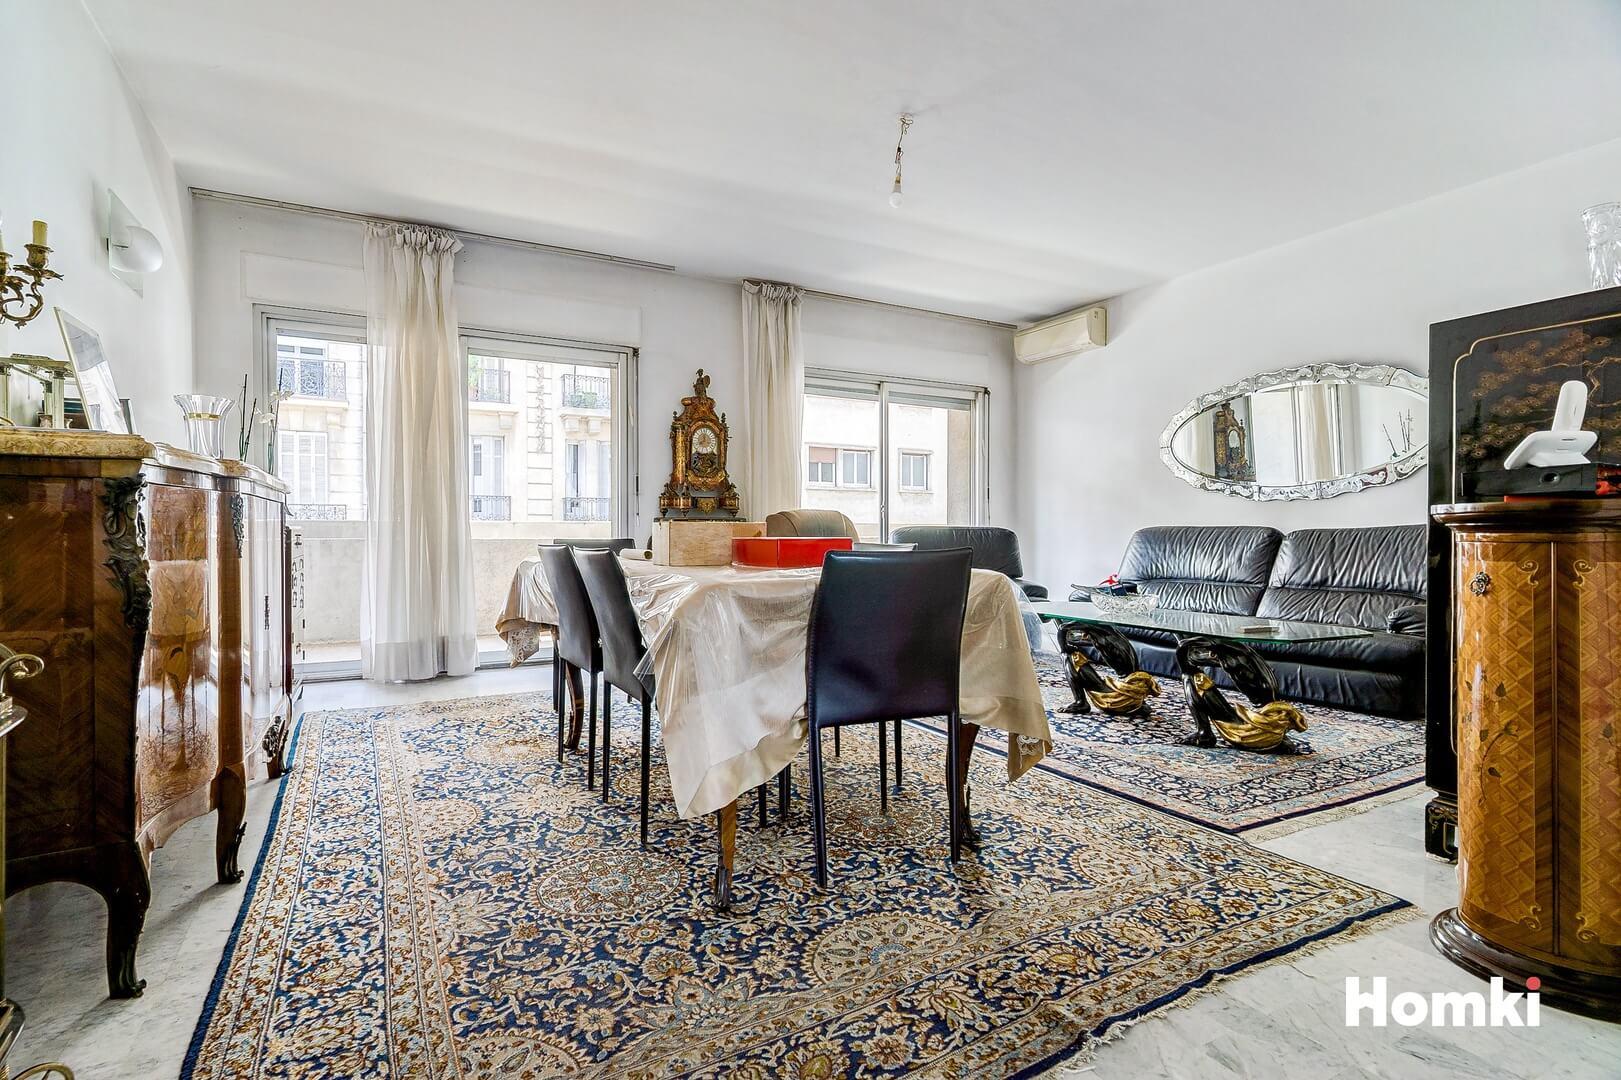 Homki - Vente Appartement  de 122.0 m² à Marseille 13008